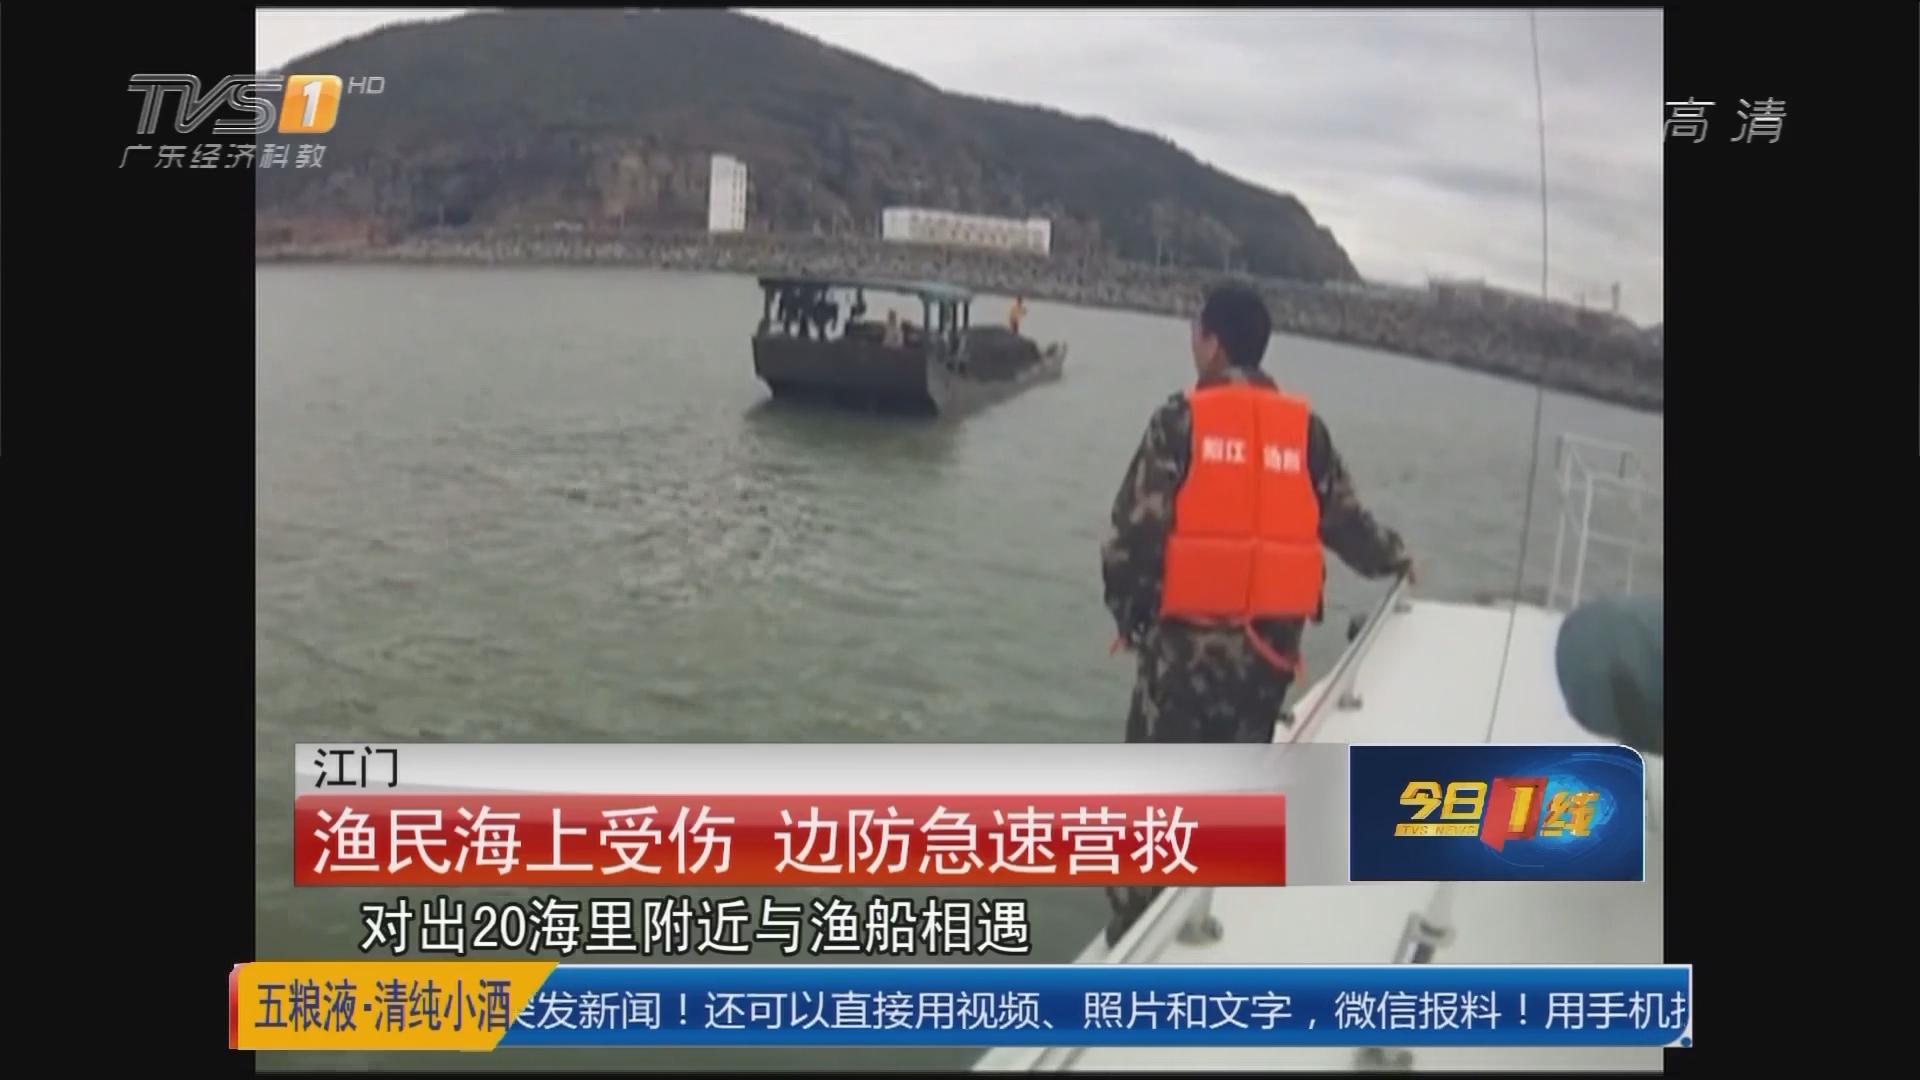 江门:渔民海上受伤 边防急速营救